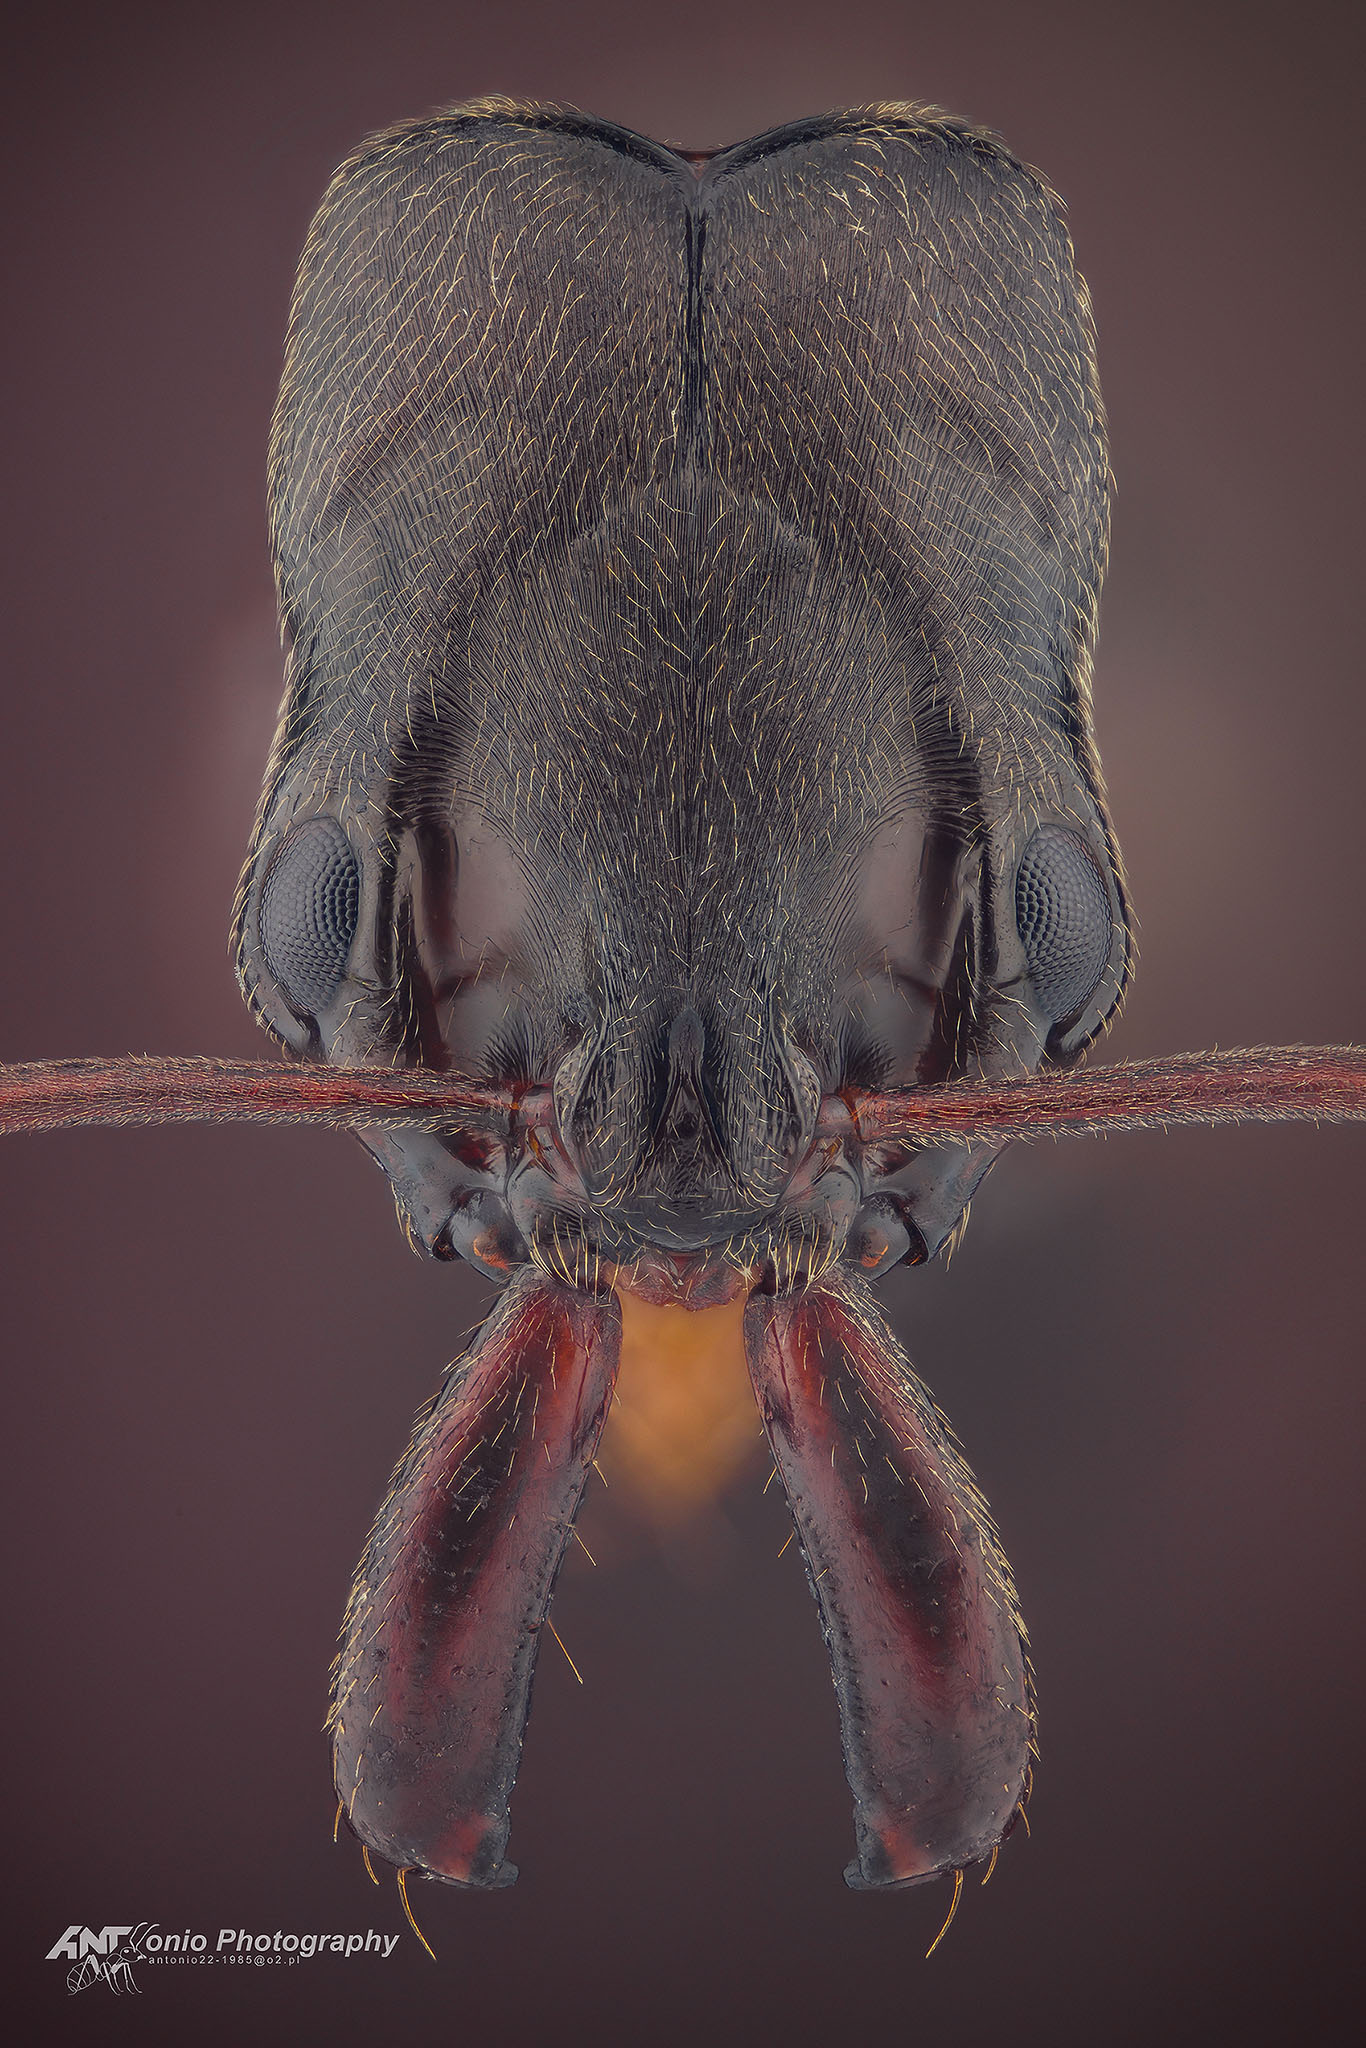 Ant Odontomachus troglodytes from Kenya